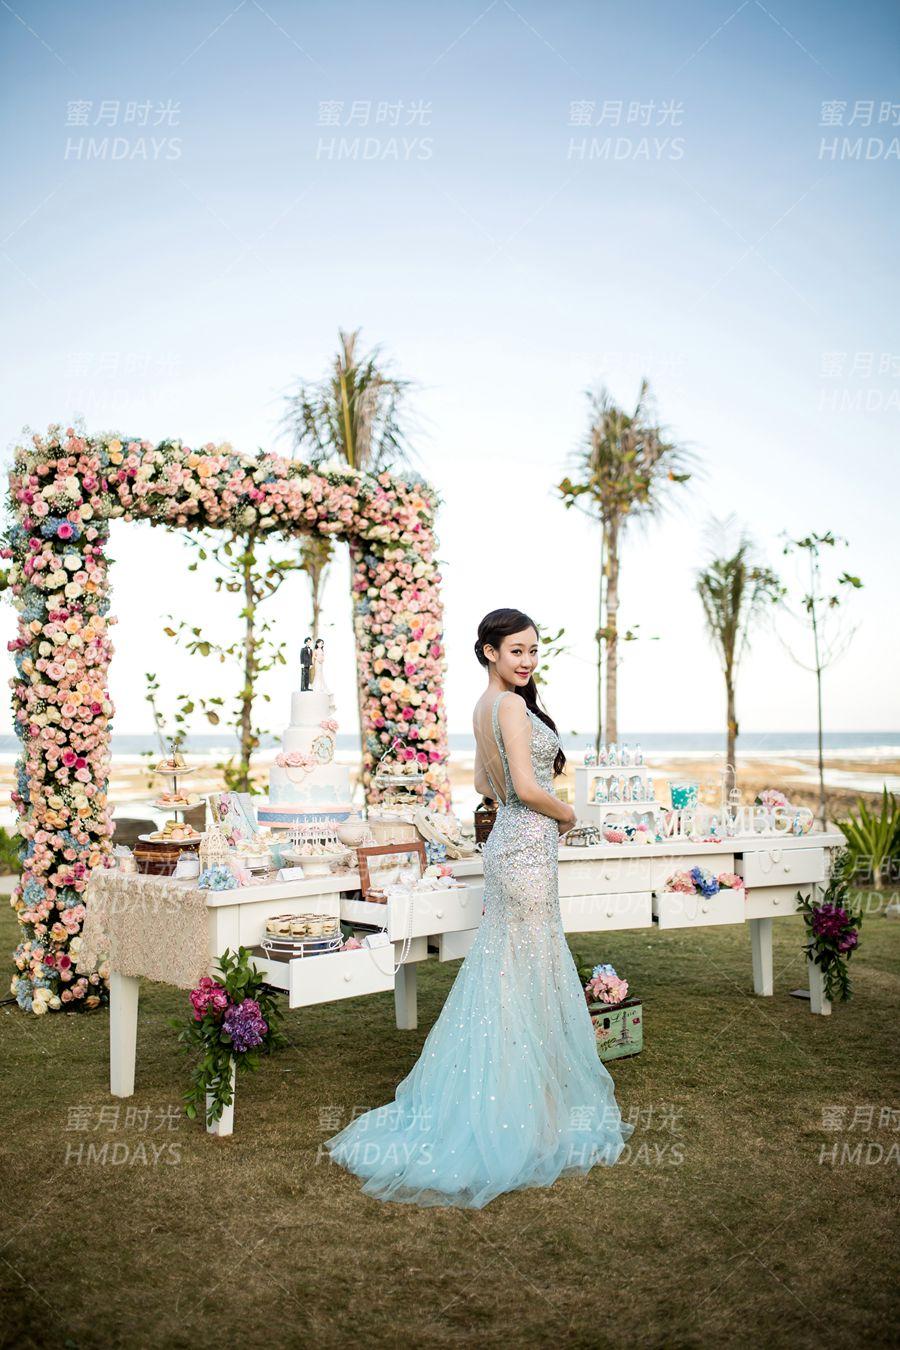 丽思卡尔顿教堂婚礼和晚宴 图中我们可见定制的花拱门,有需求的可联系我司顾问 海外婚礼